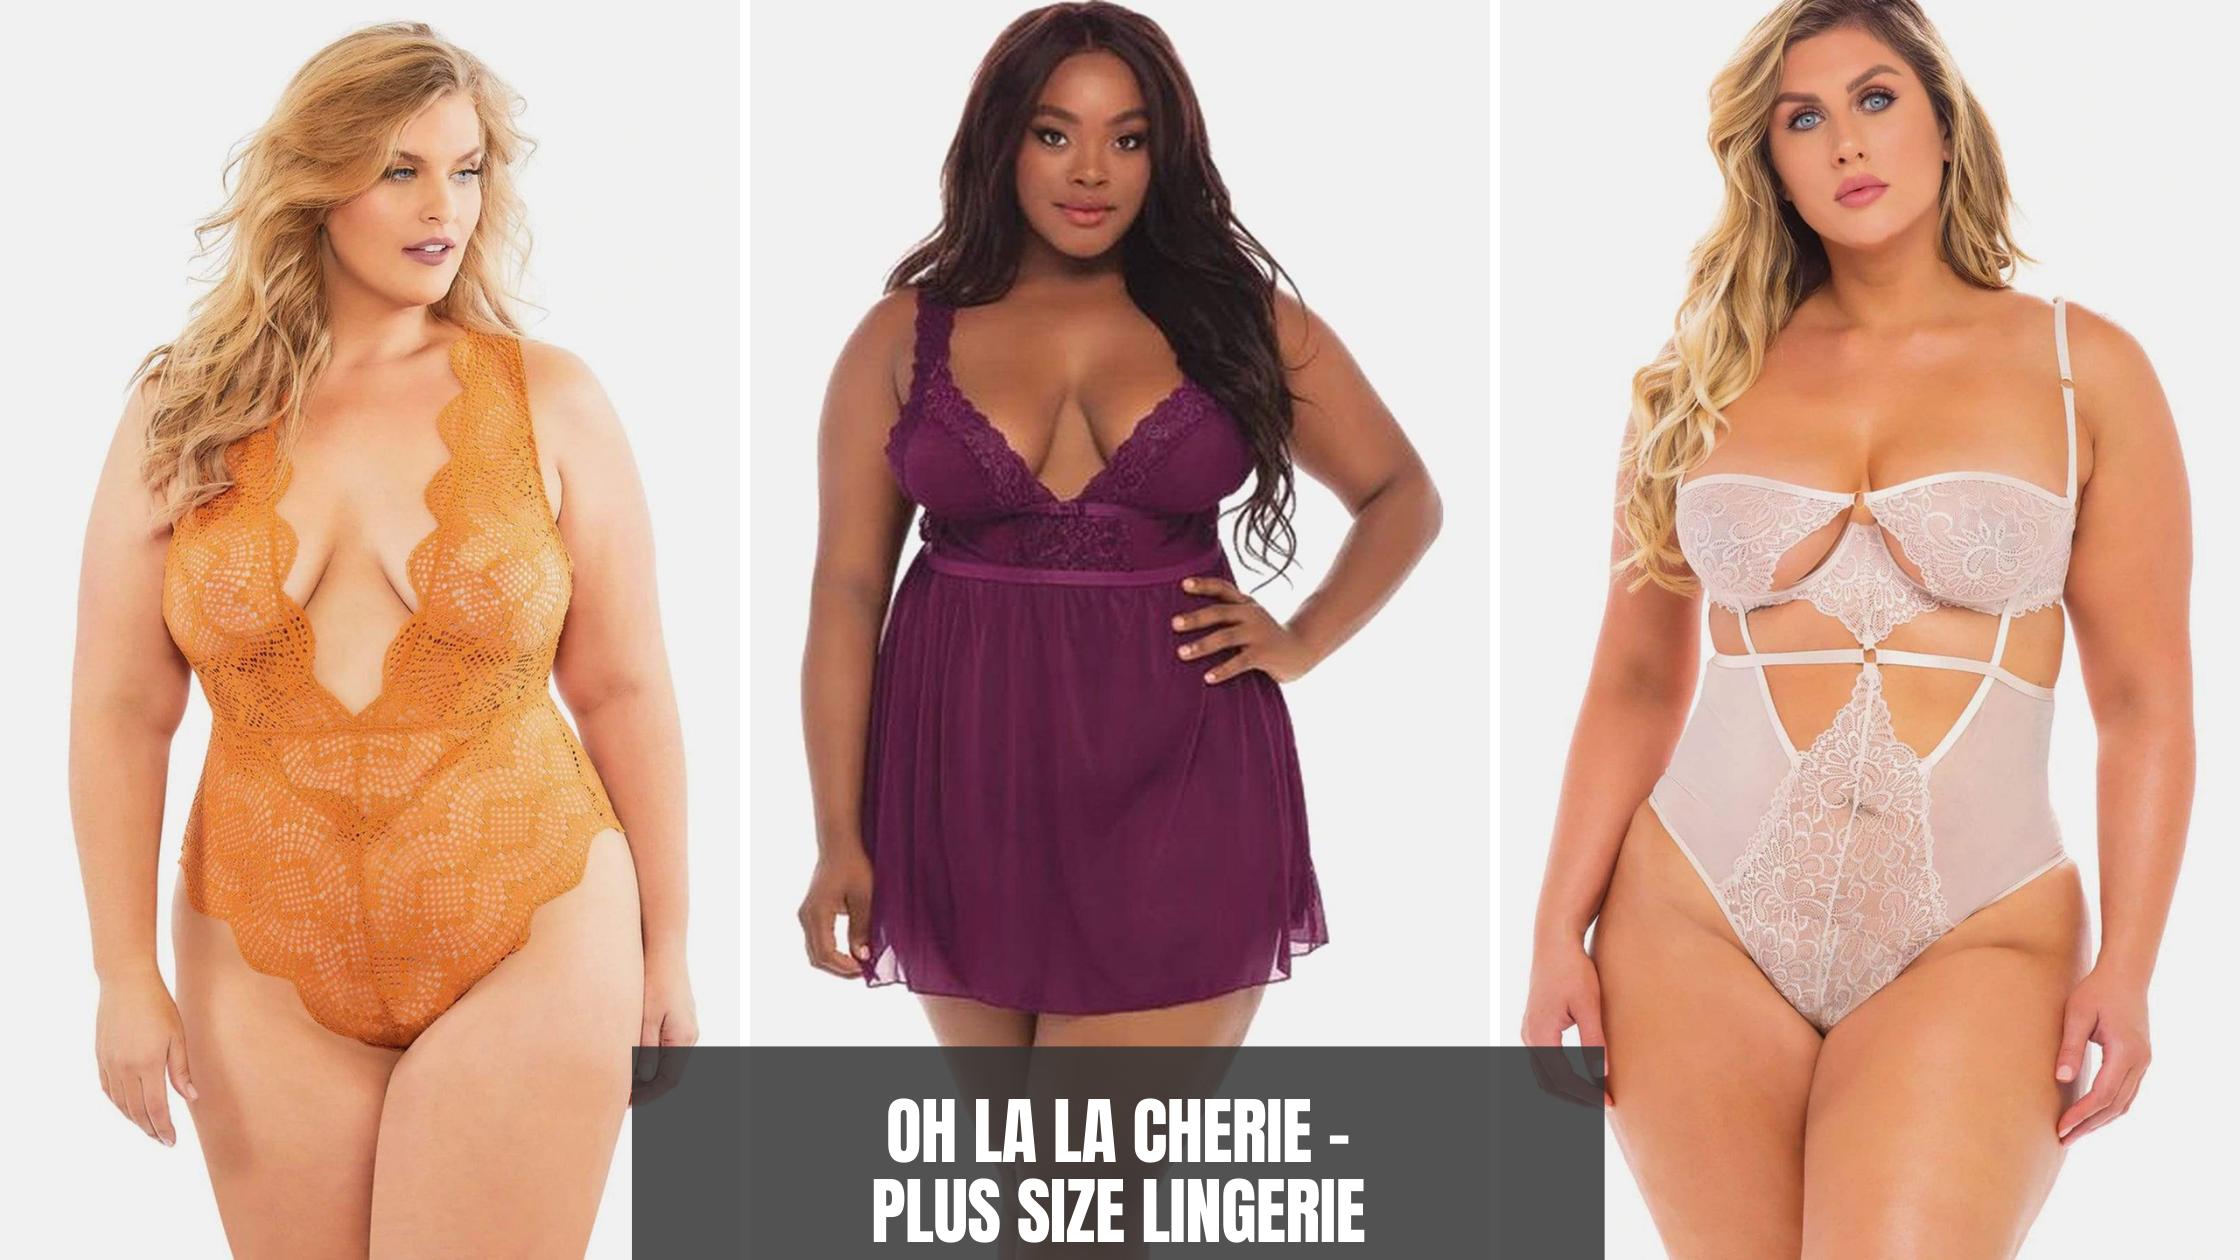 where to buy plus size lingerie - Oh la la cherie